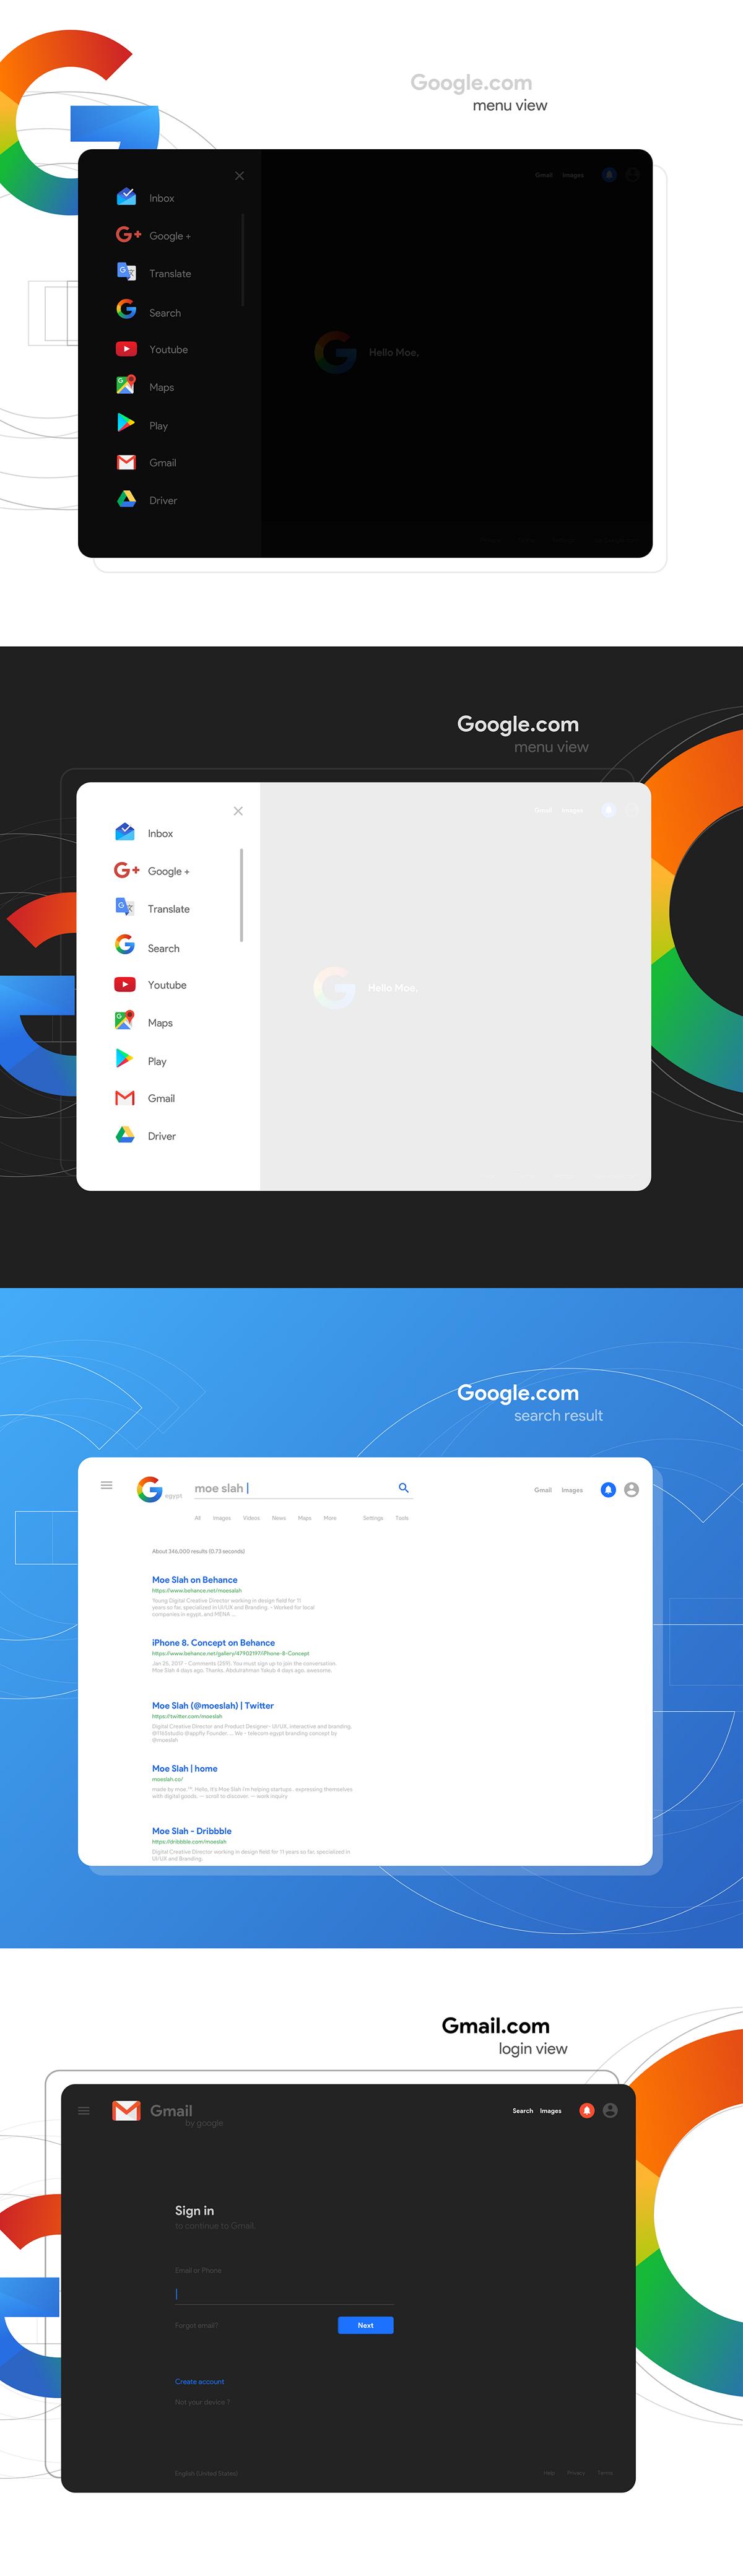 谷歌全新logo设计与UI设计